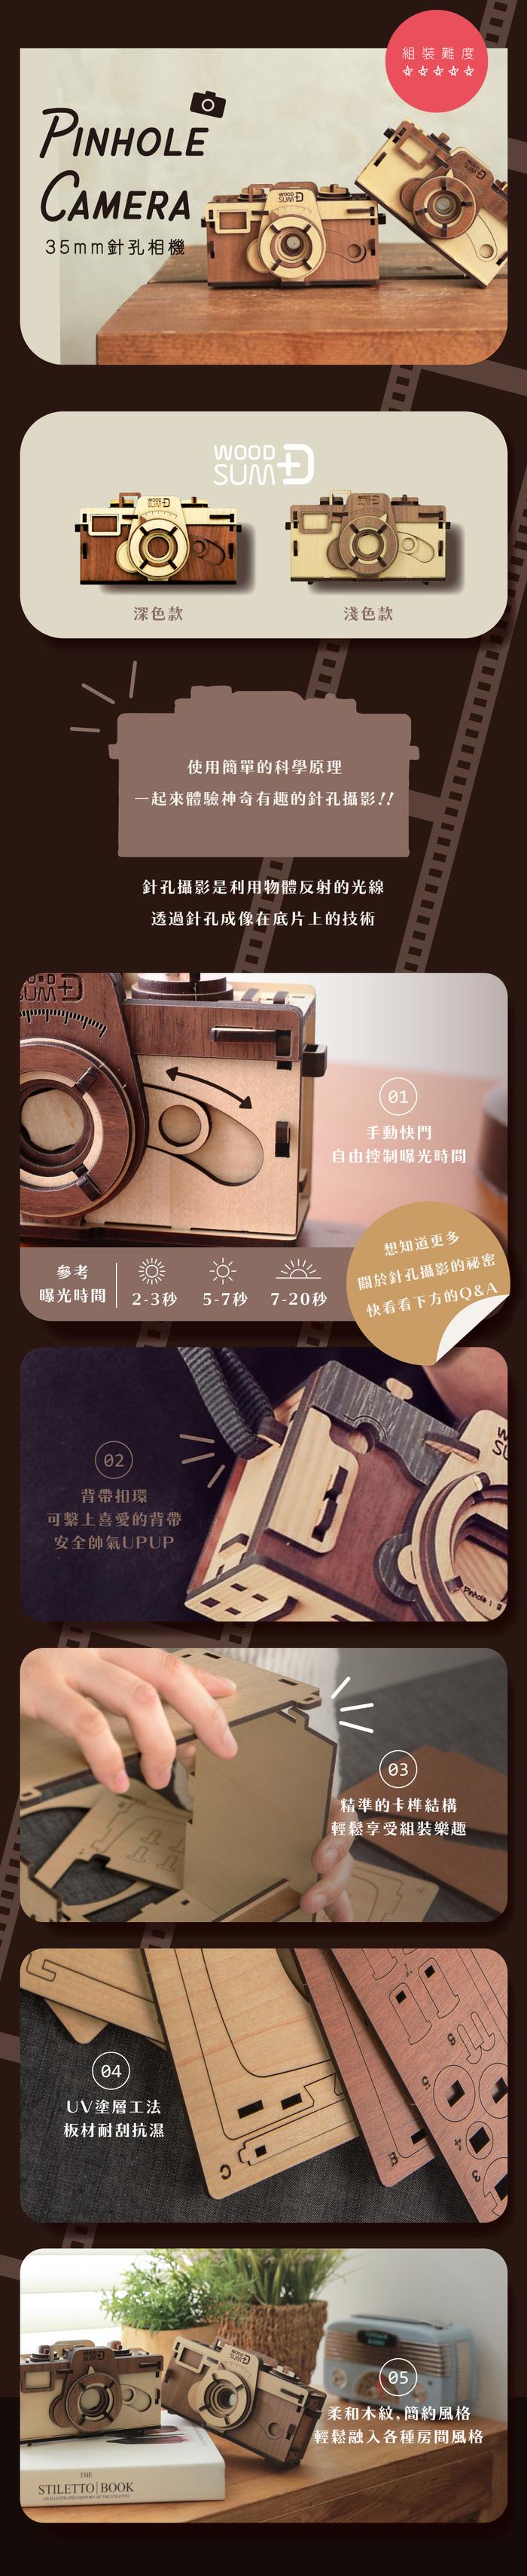 (複製)WOODSUM|輕手作。木製模型 - 復古相機時鐘 - 紅色款